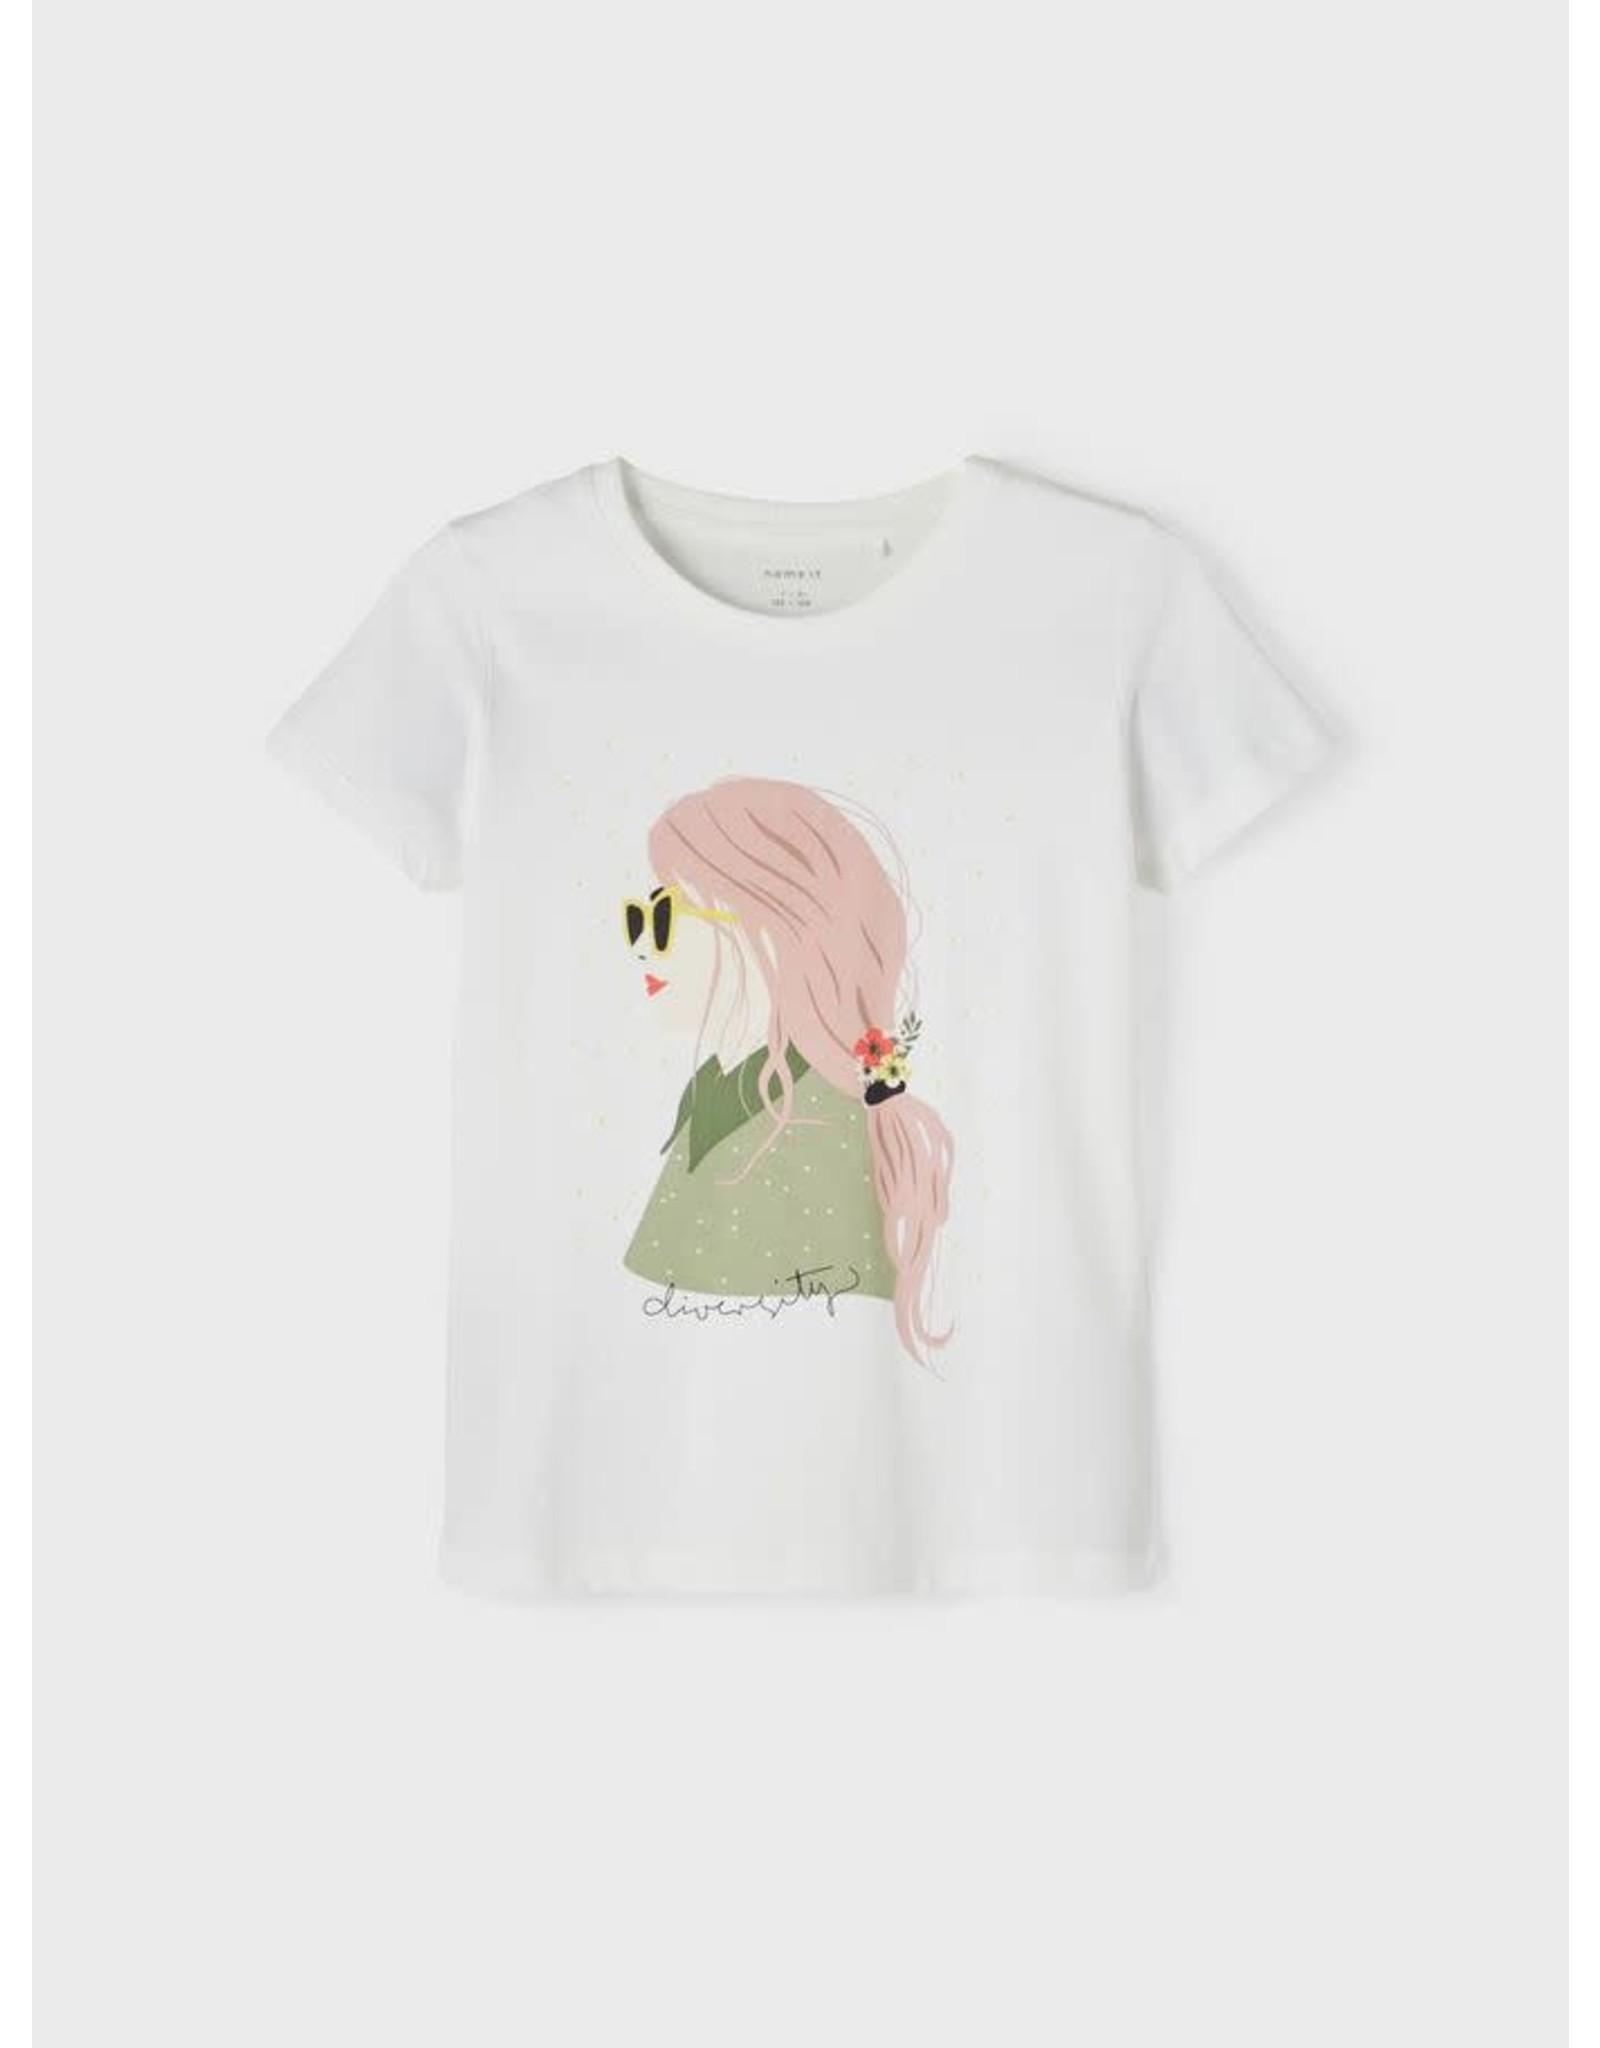 Name It Witte t-shirt met bedrukking van meisje